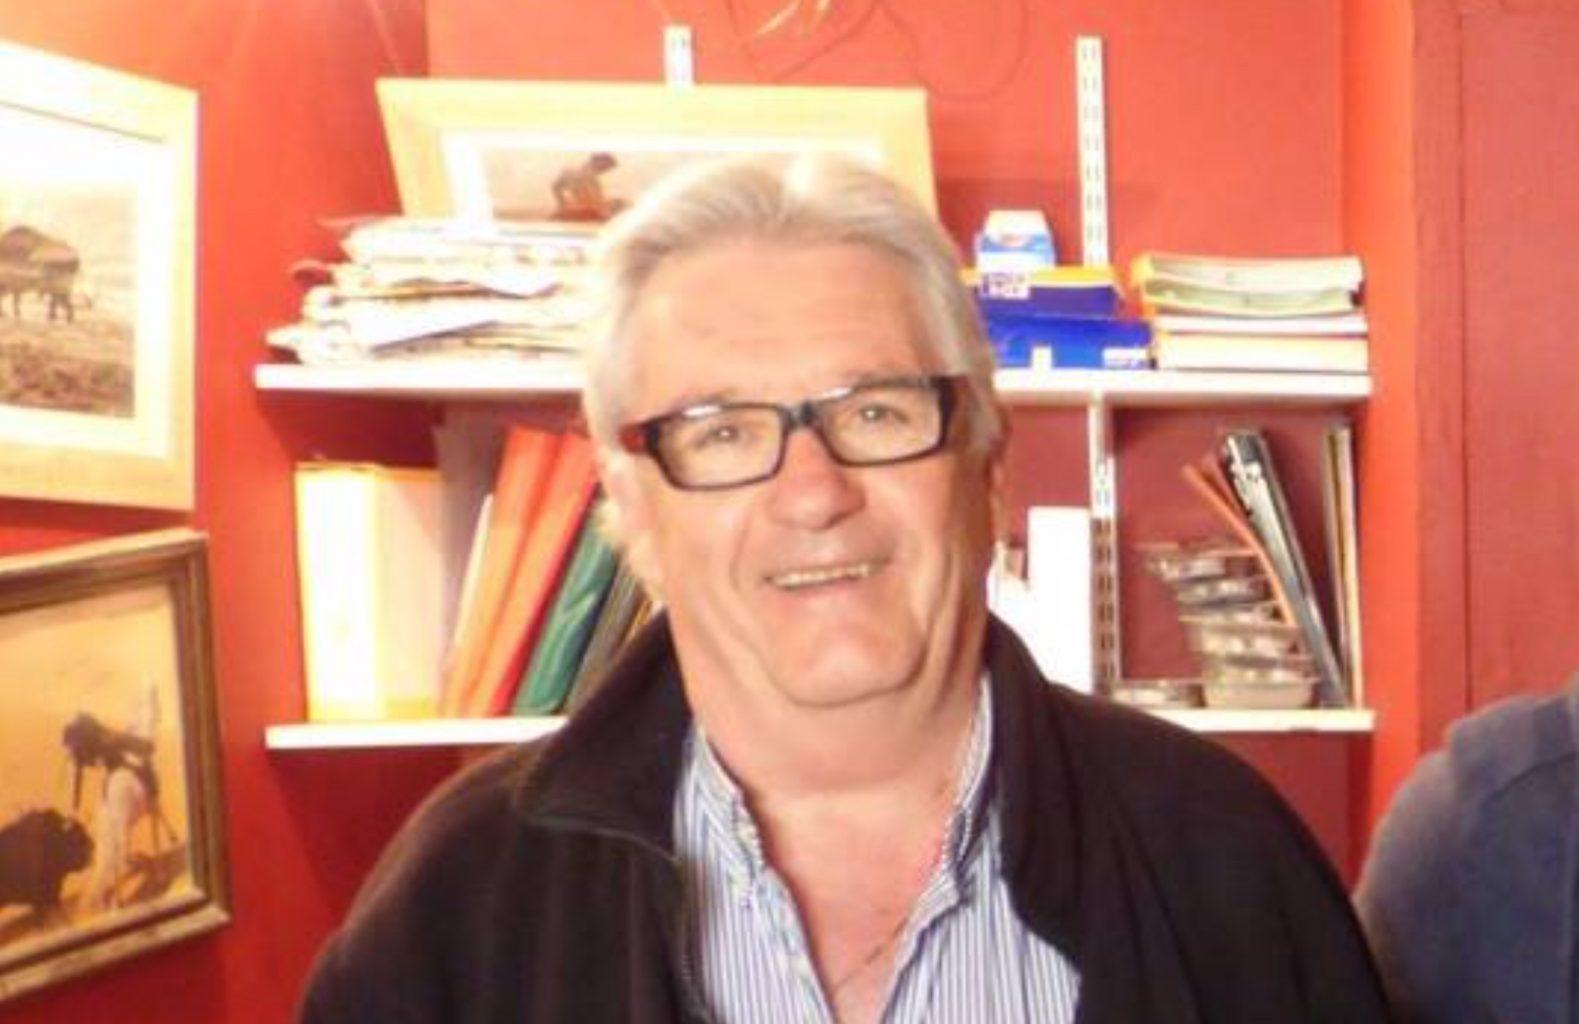 BAYONNE – Alain Lartigue reconduit pour 3 ans comme mandataire des spectacles taurins